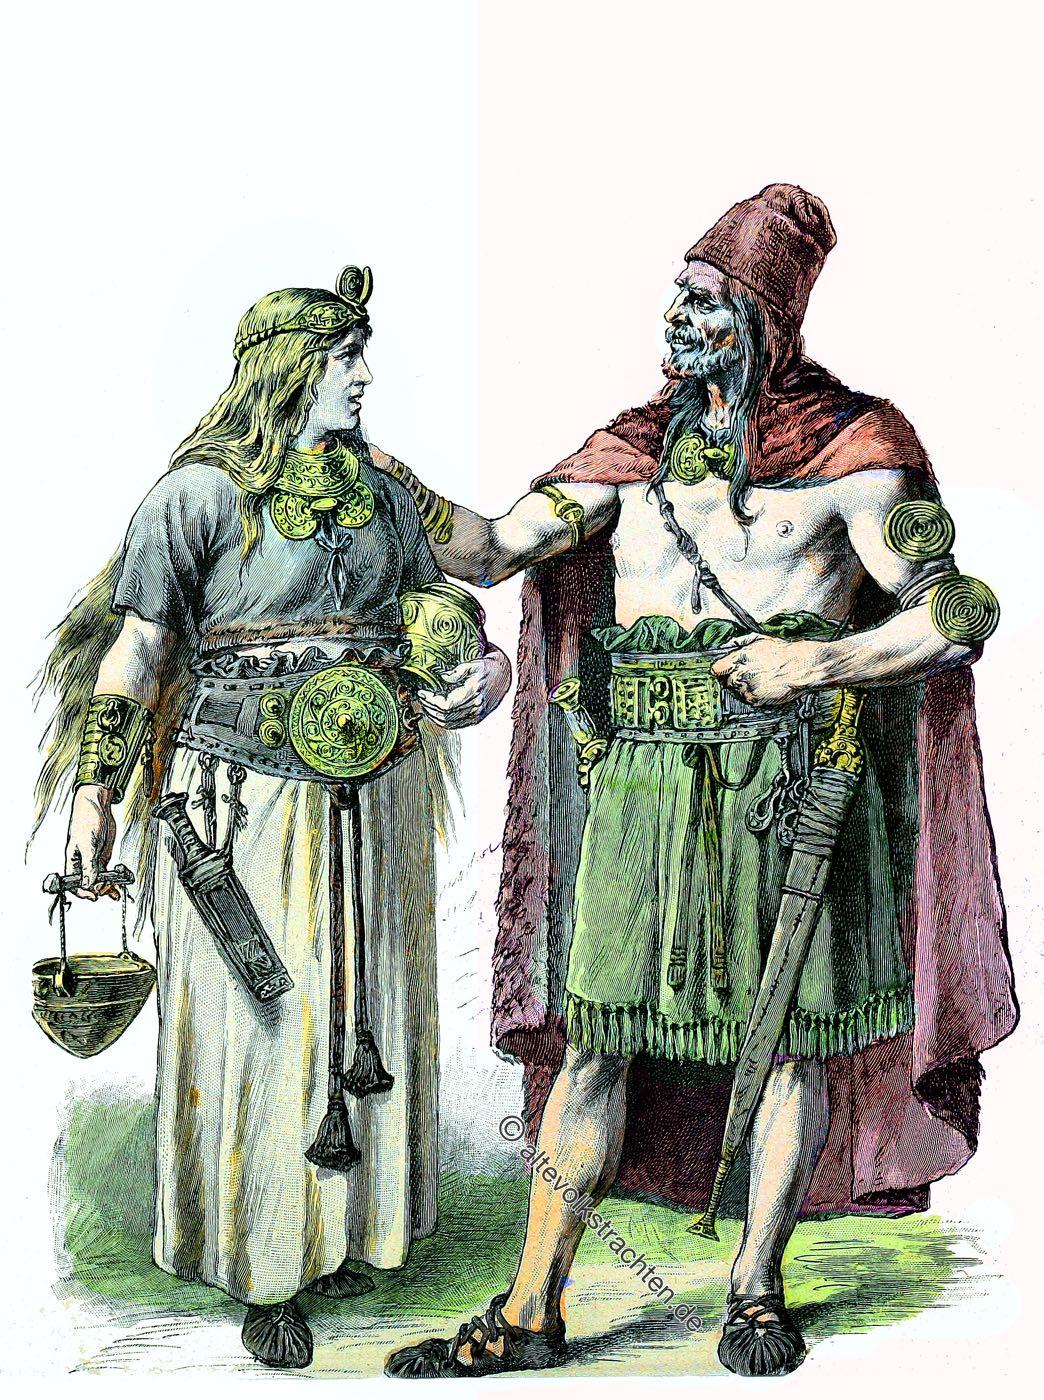 Kleidung, Kostüme, Trachten, Germanen, Bronzezeit, Münchener Bilderbogen,